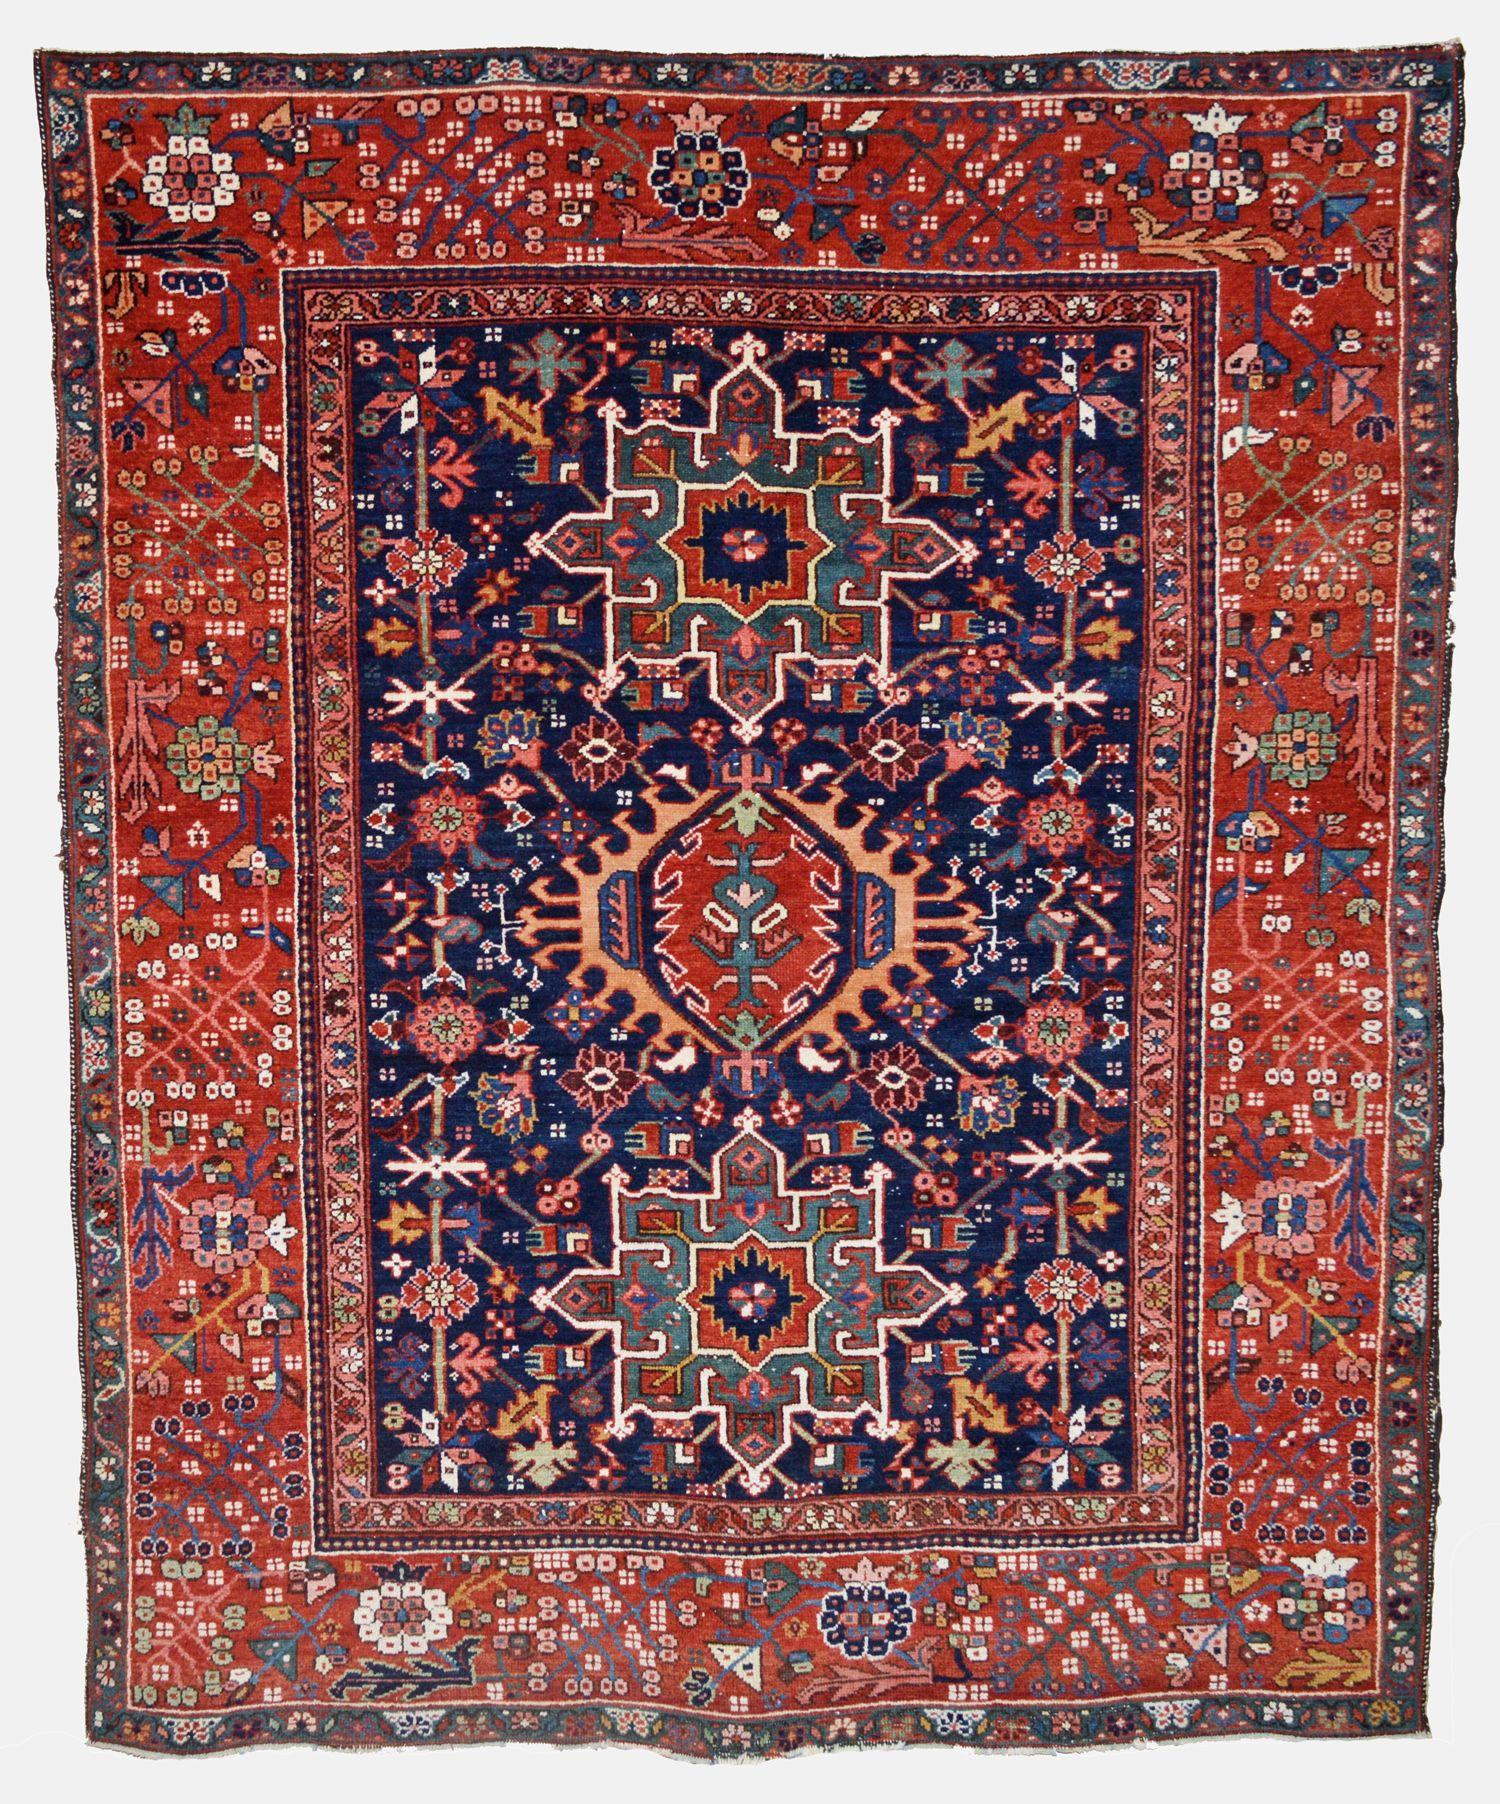 An Antique Persian Karaja Rug With A